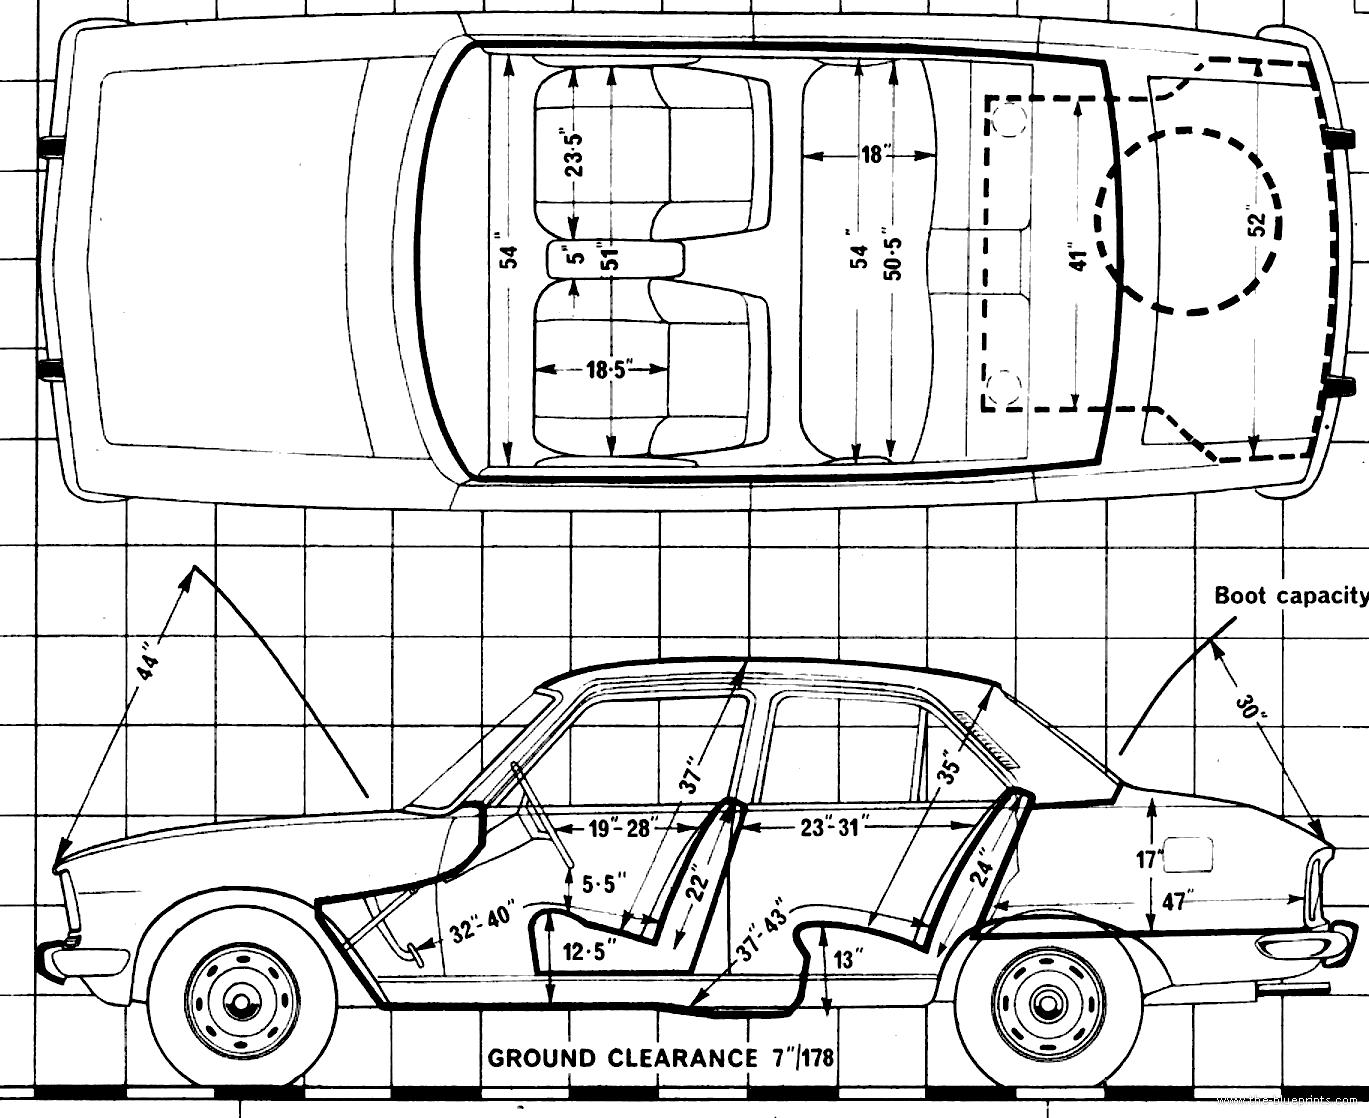 Blueprints > Cars > Peugeot > Peugeot 504 L (1979)